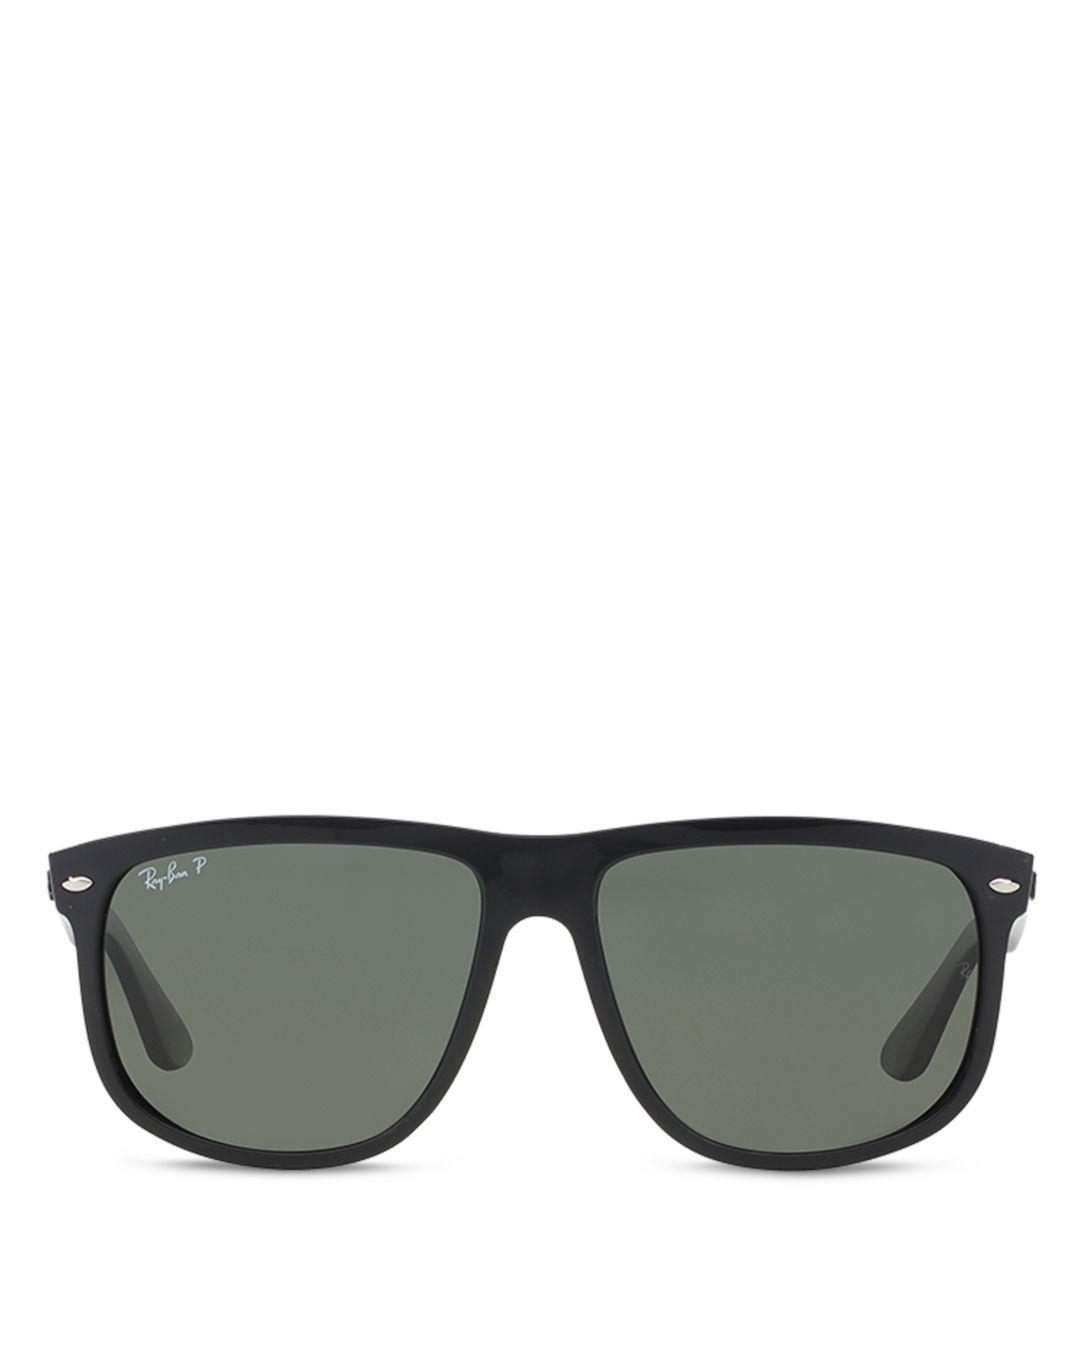 e301cbf8e34 Ray-Ban Polarized Flat Top Sunglasses in Black - Lyst